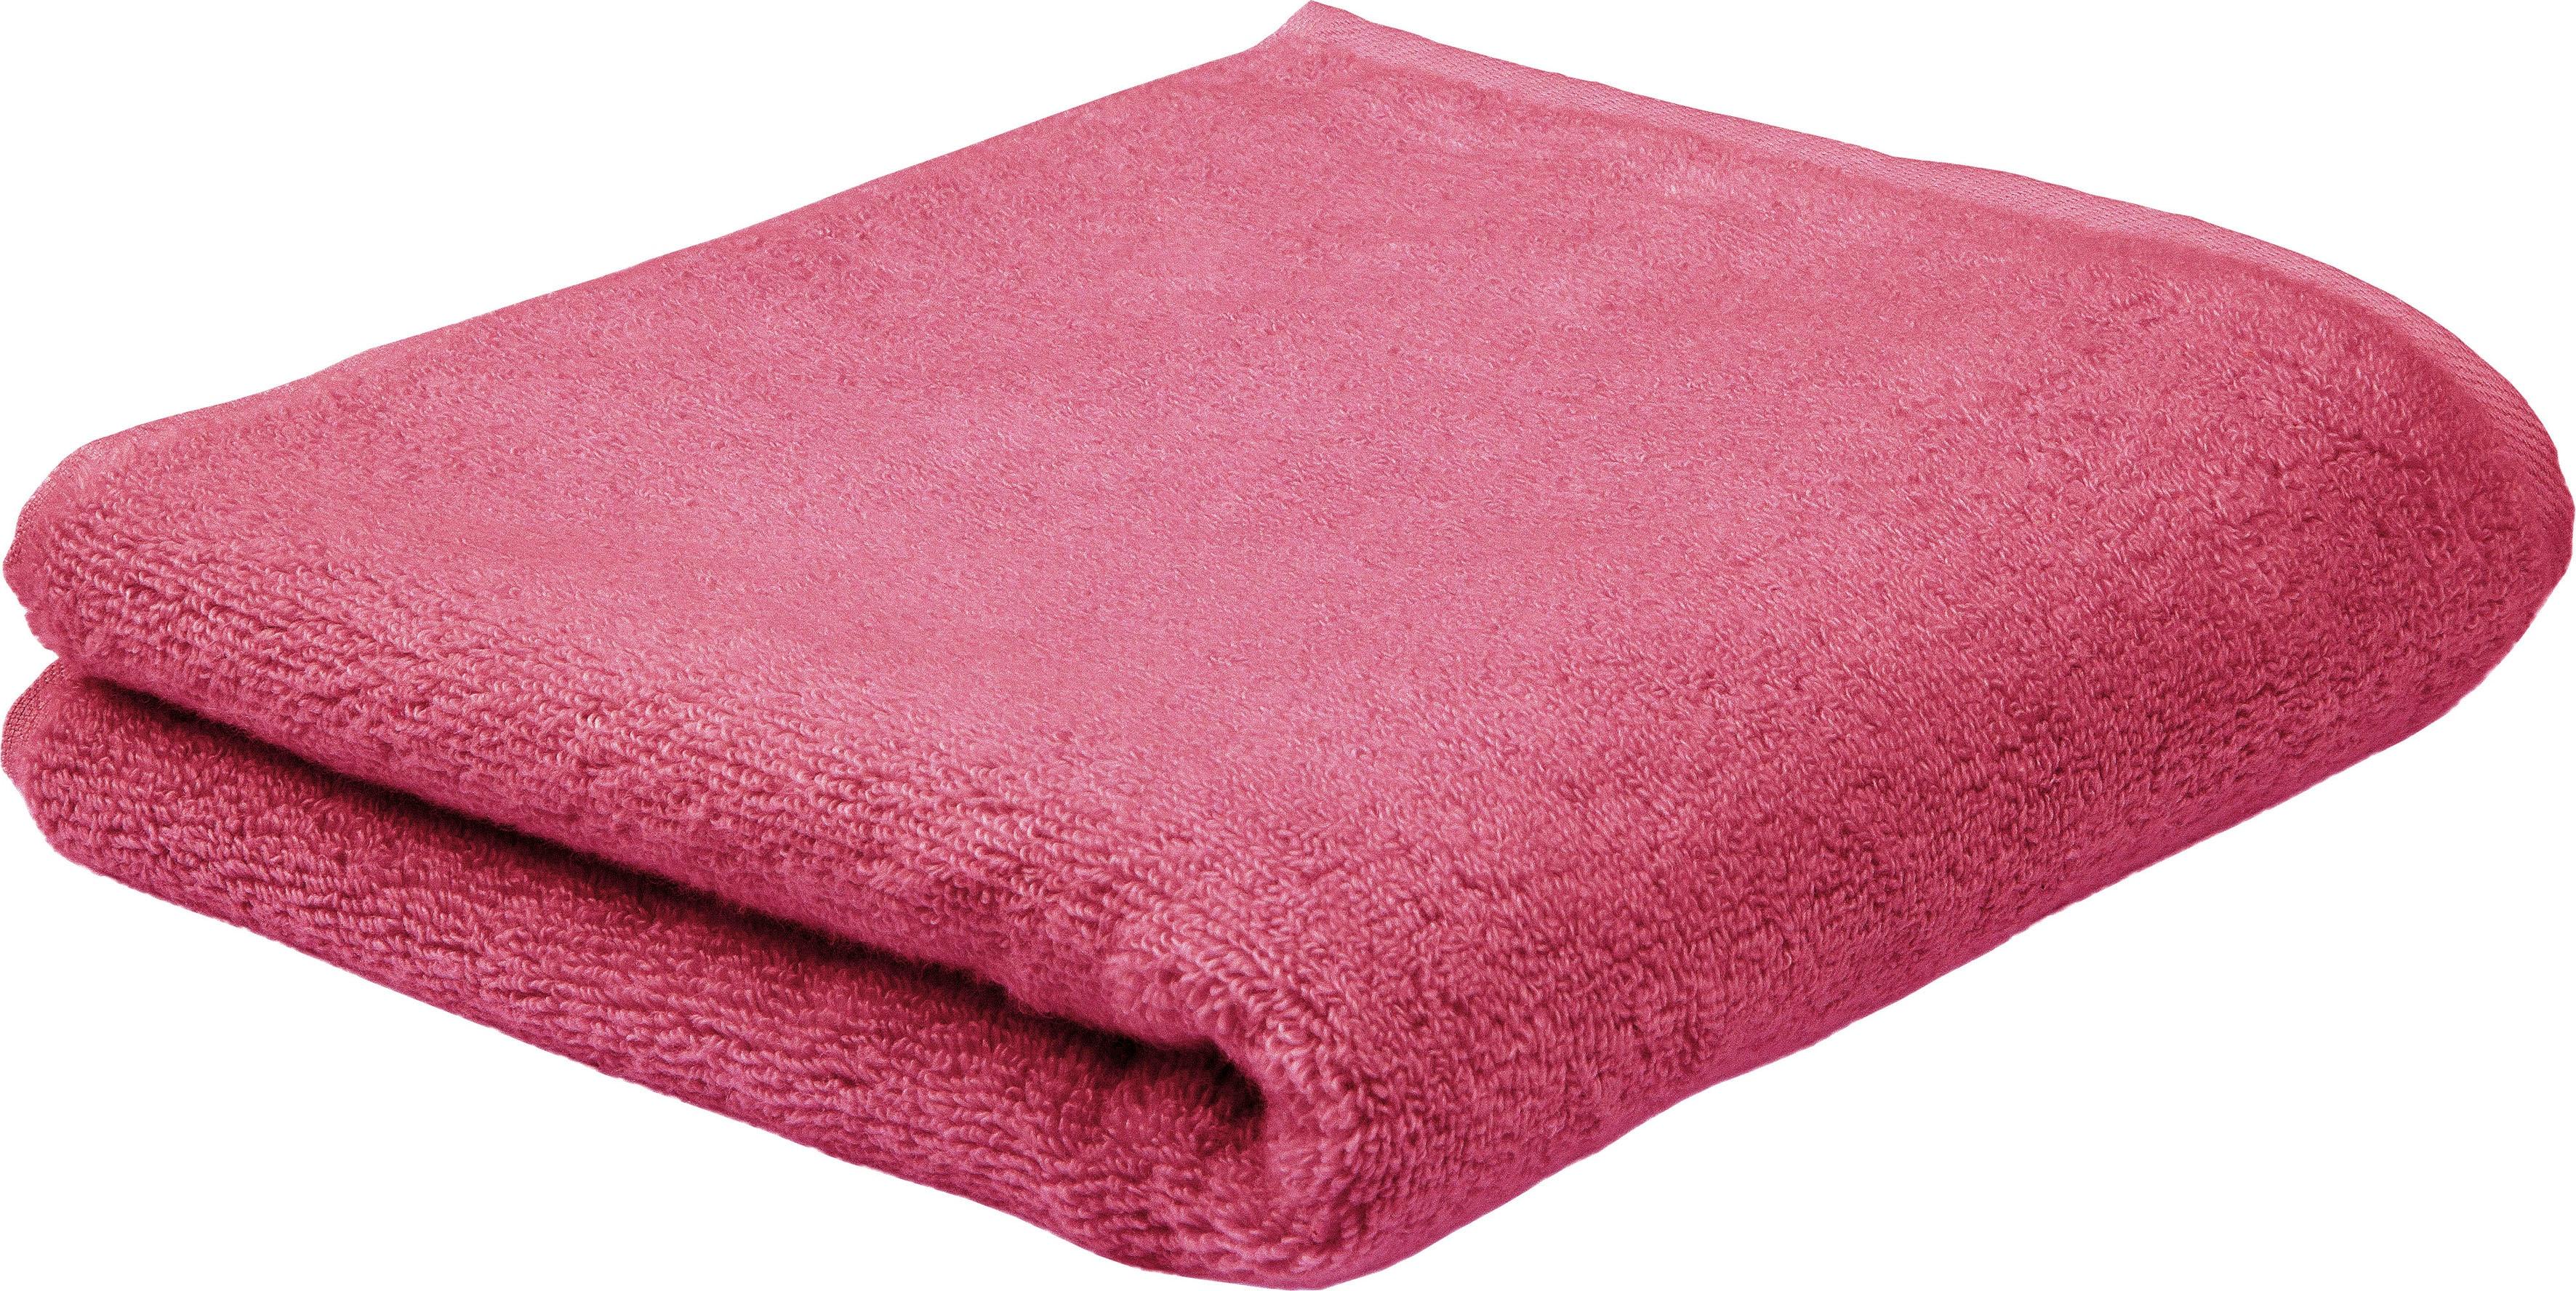 ROSS Handtuch Sensual Skin, (2 St.), mit Aloe Vera veredelt rot Handtücher Badetücher